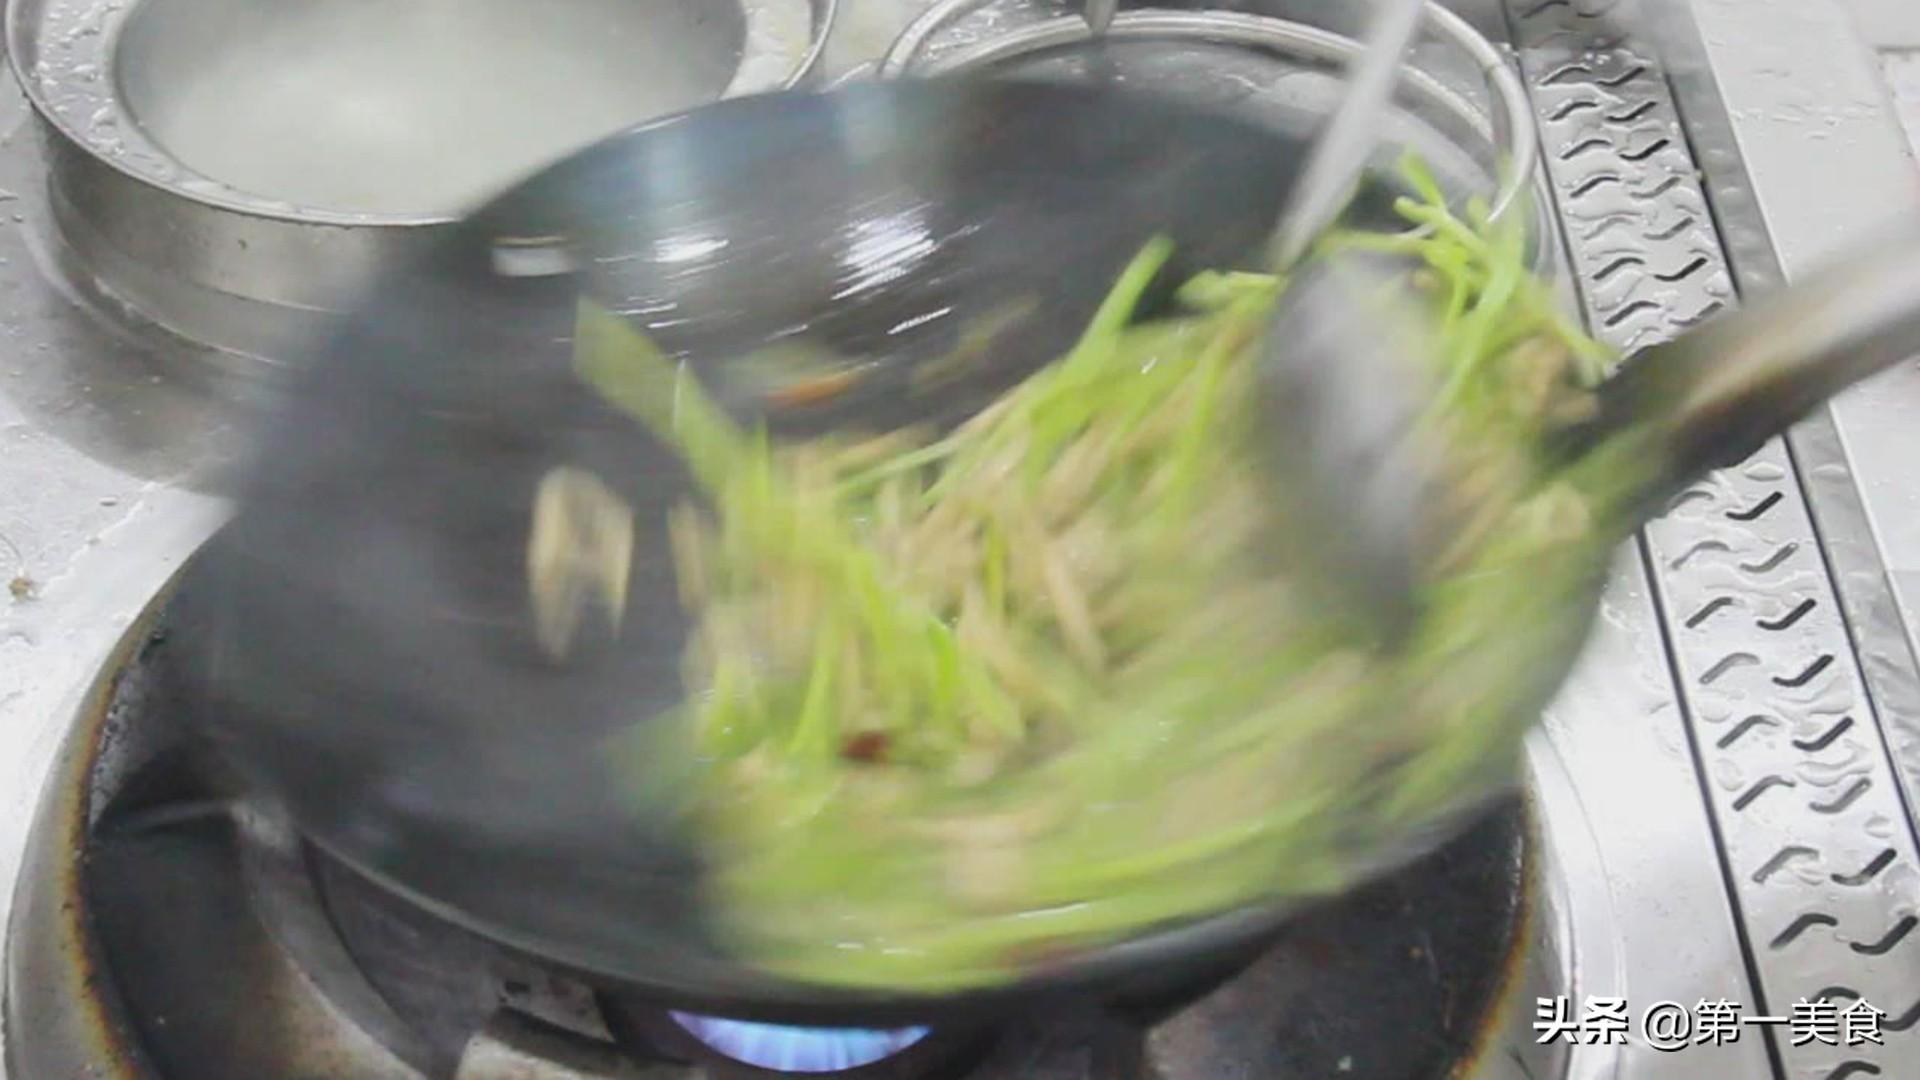 厨师长教你做青椒肉丝,肉丝滑嫩,青椒清脆,味道绝美 美食做法 第7张